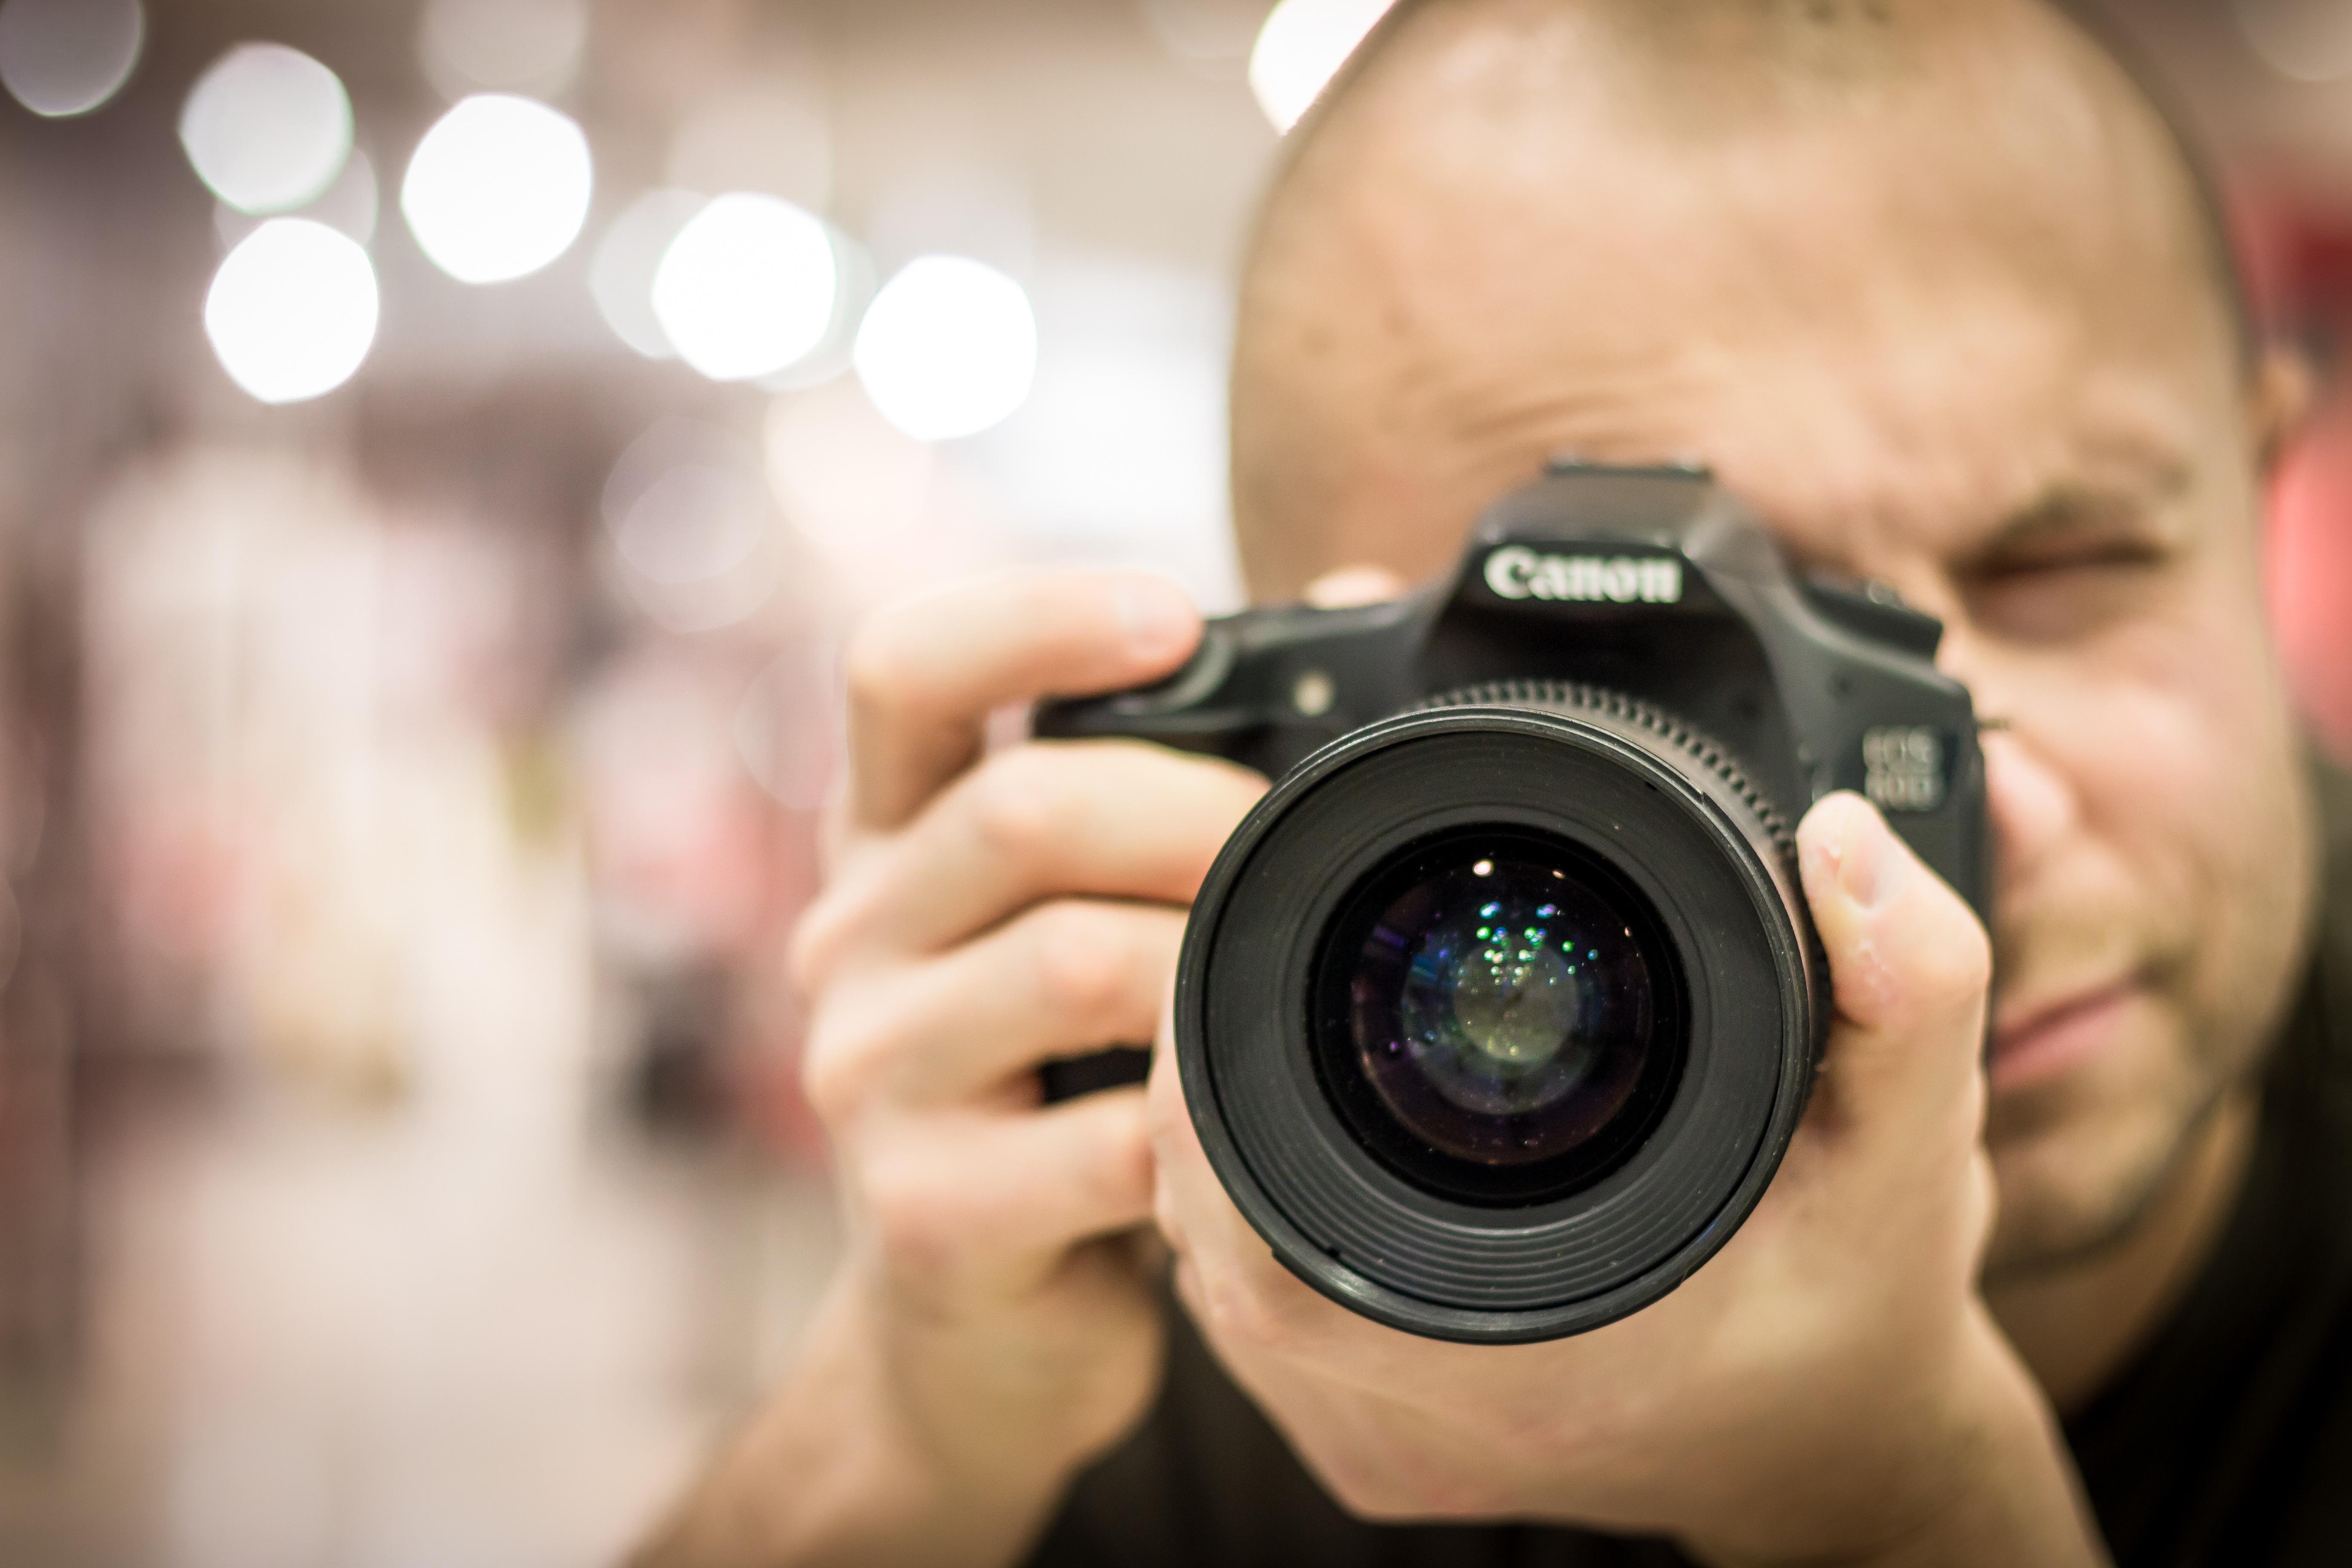 юрьевич фотографирующие люди фото камней